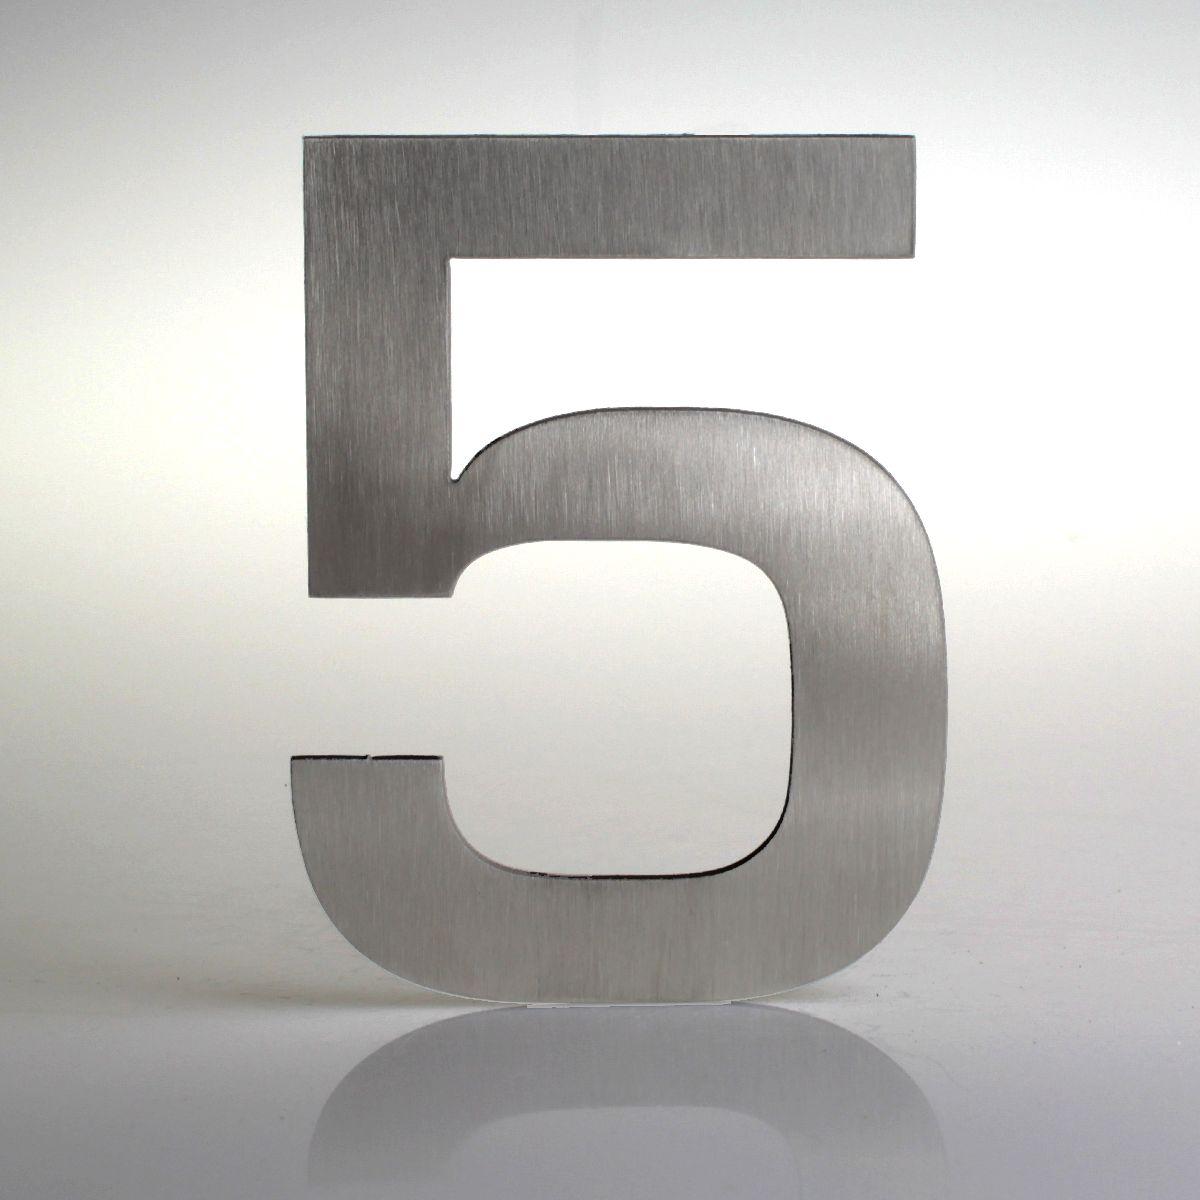 Domovní číslo popisné Nerez EUROMODE - č. 5